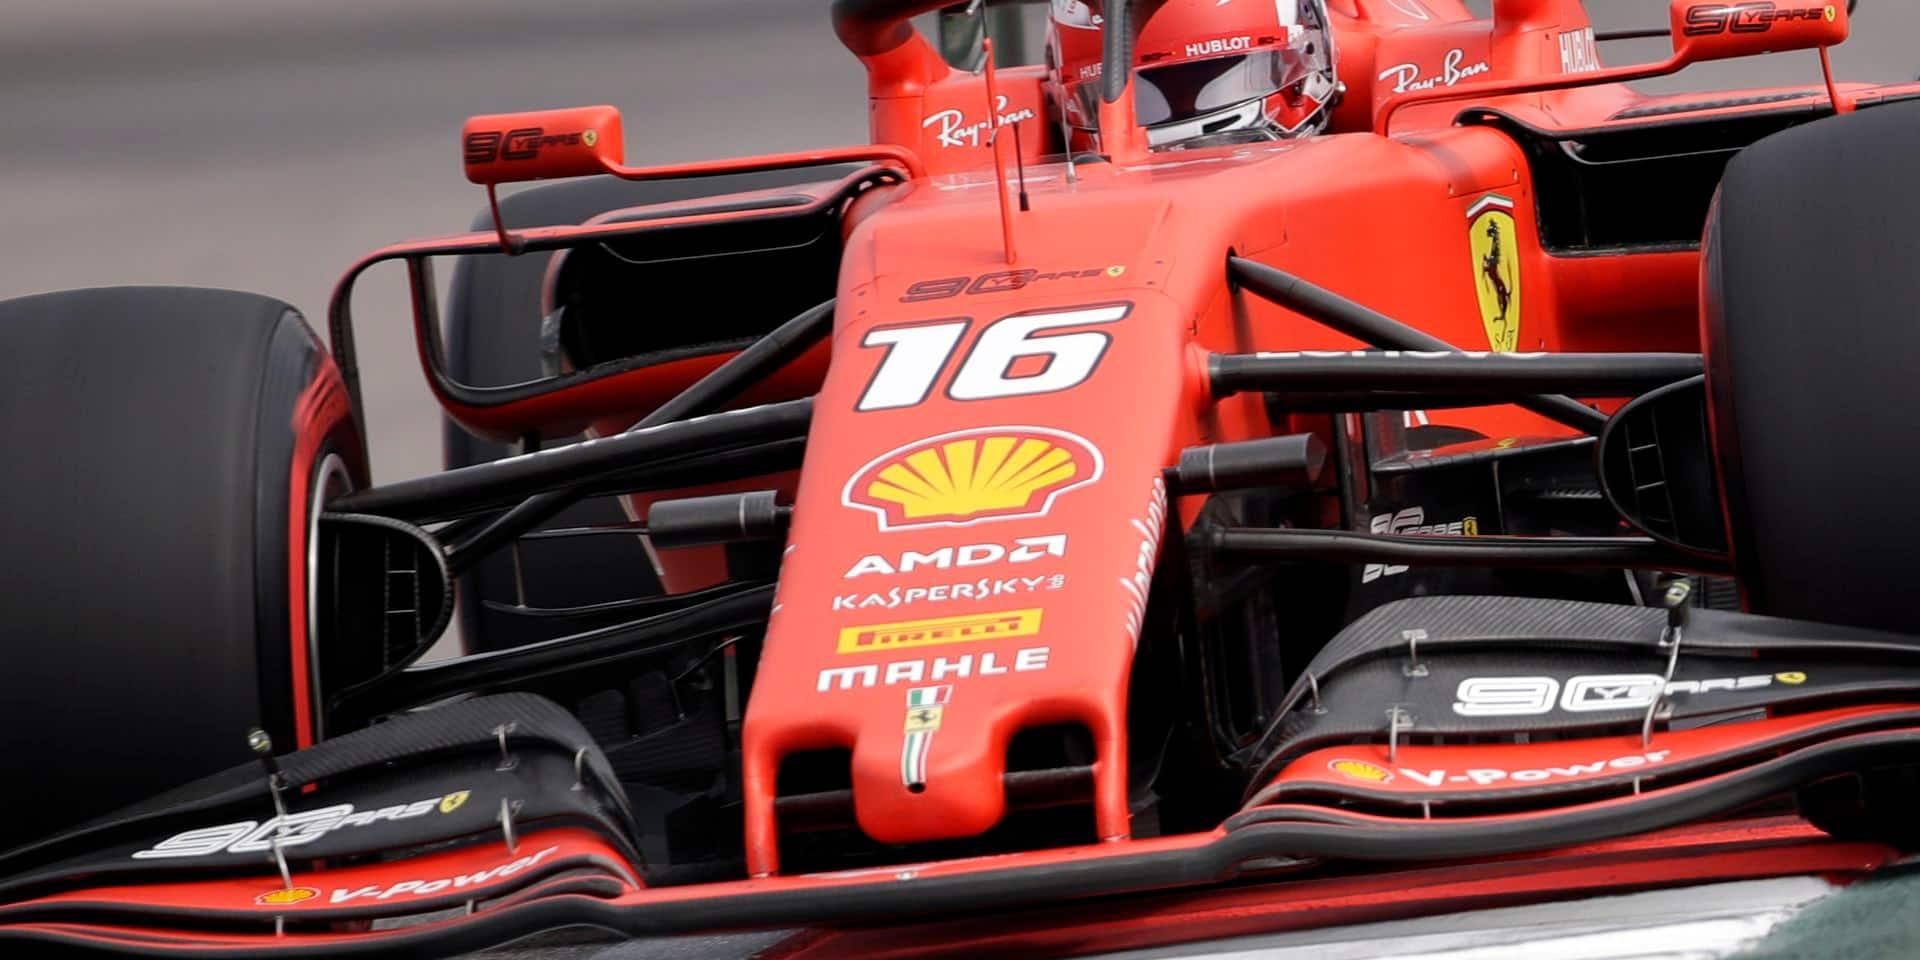 GP de F1 de Russie: Leclerc le plus rapide des essais libres 1